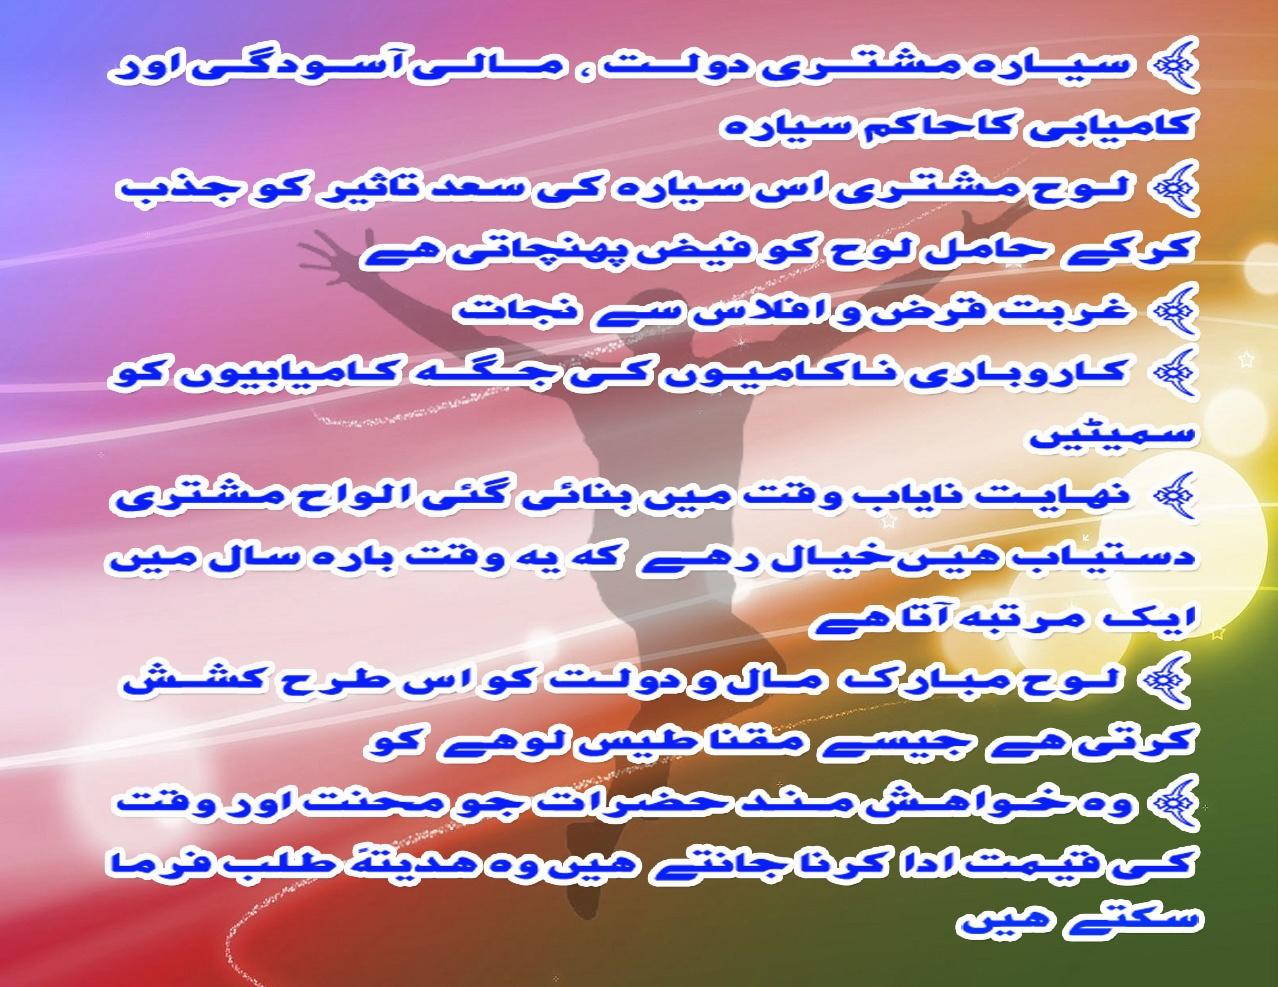 2011 aur 2013 jantri pdf 27 2014 2 imamia free or free